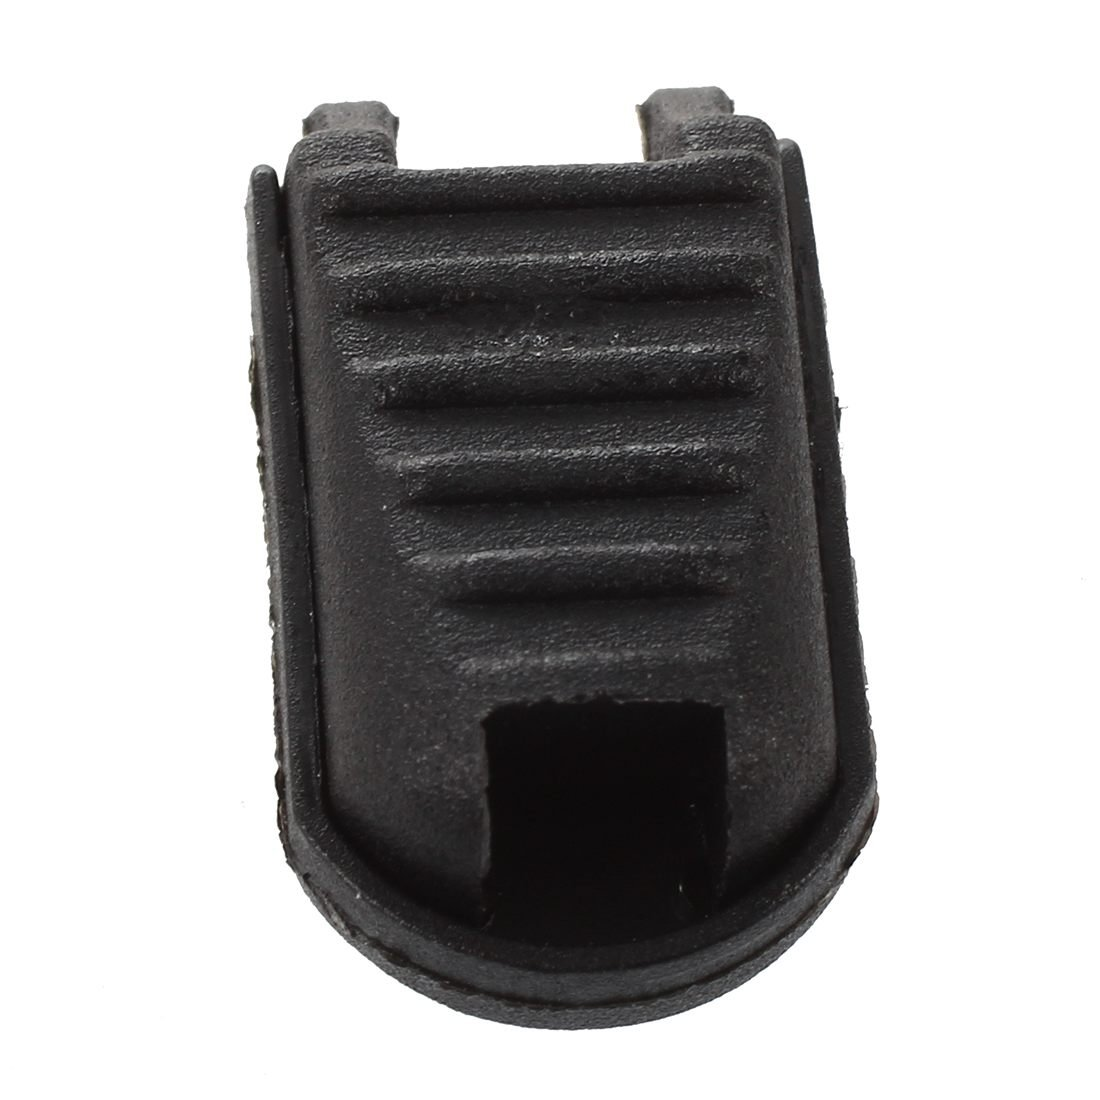 WOVELOT Cremallera Tire Cerradura de la Cuerda de Plastico Termina 5.5mm x 5.3mm 20pcs Negro